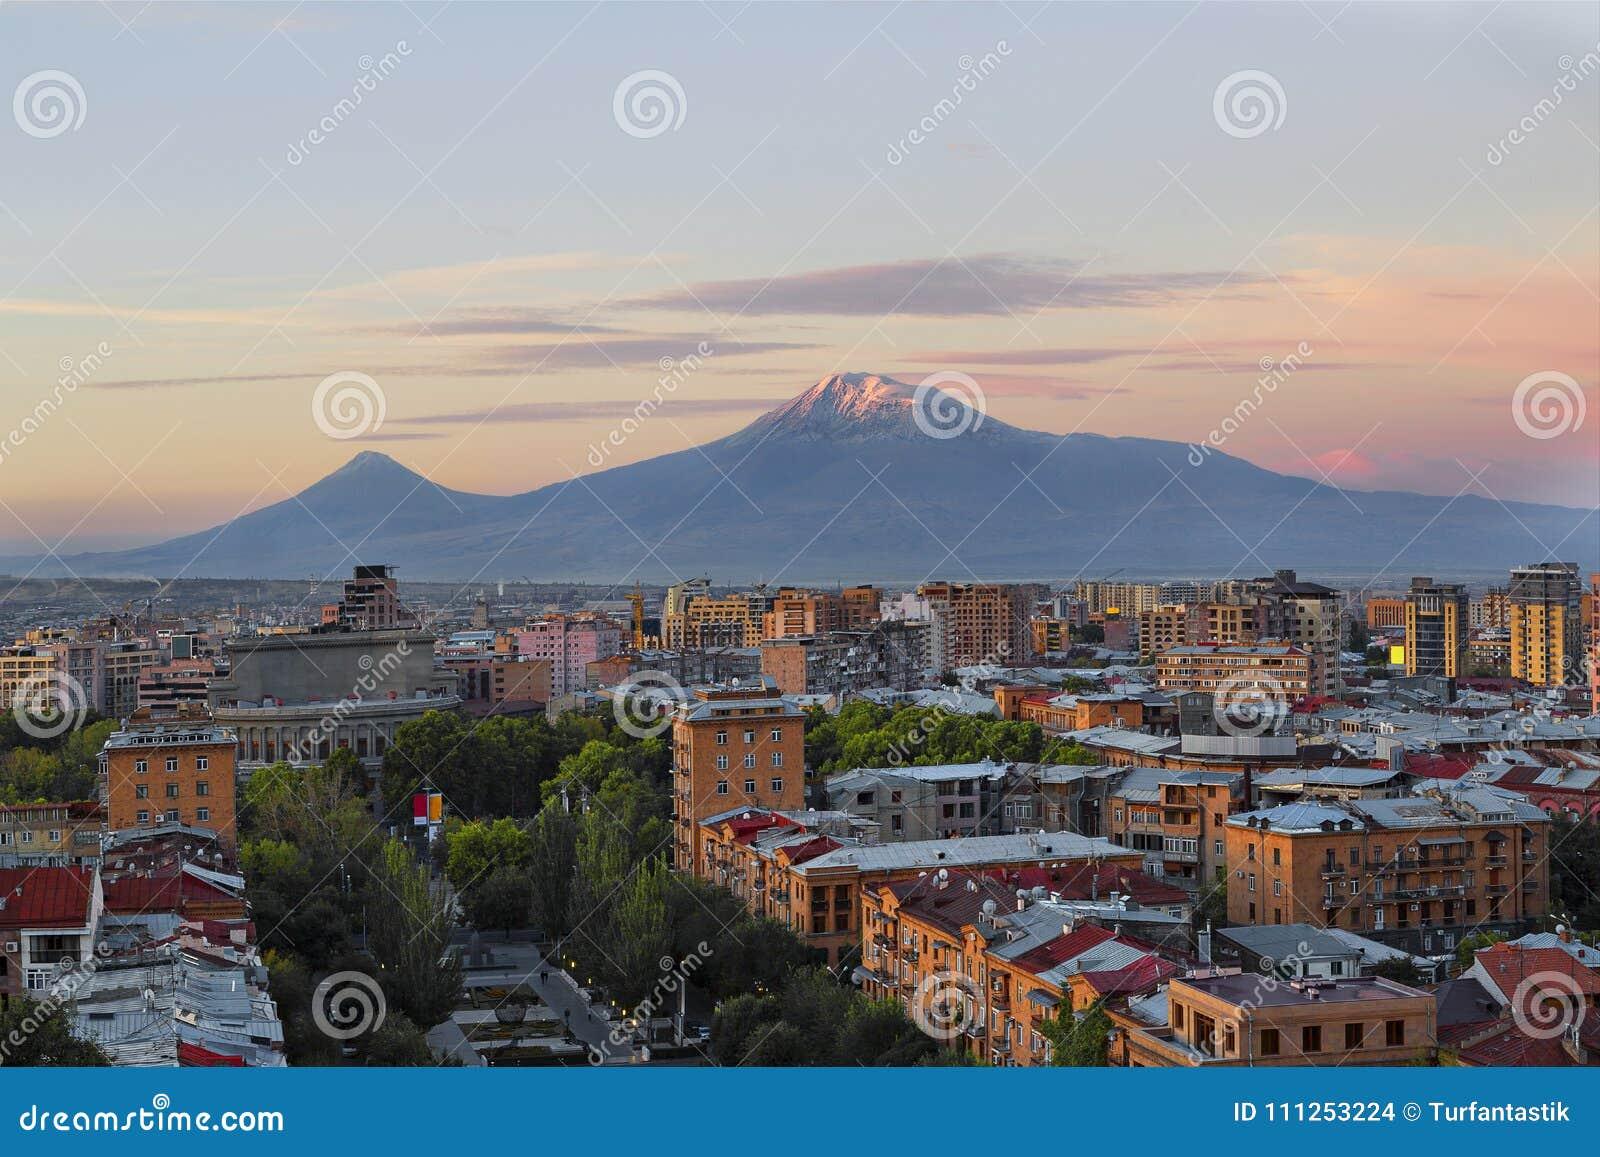 Eriwan, Hauptstadt von Armenien bei dem Sonnenaufgang mit den zwei Spitzen des Ararats auf dem Hintergrund